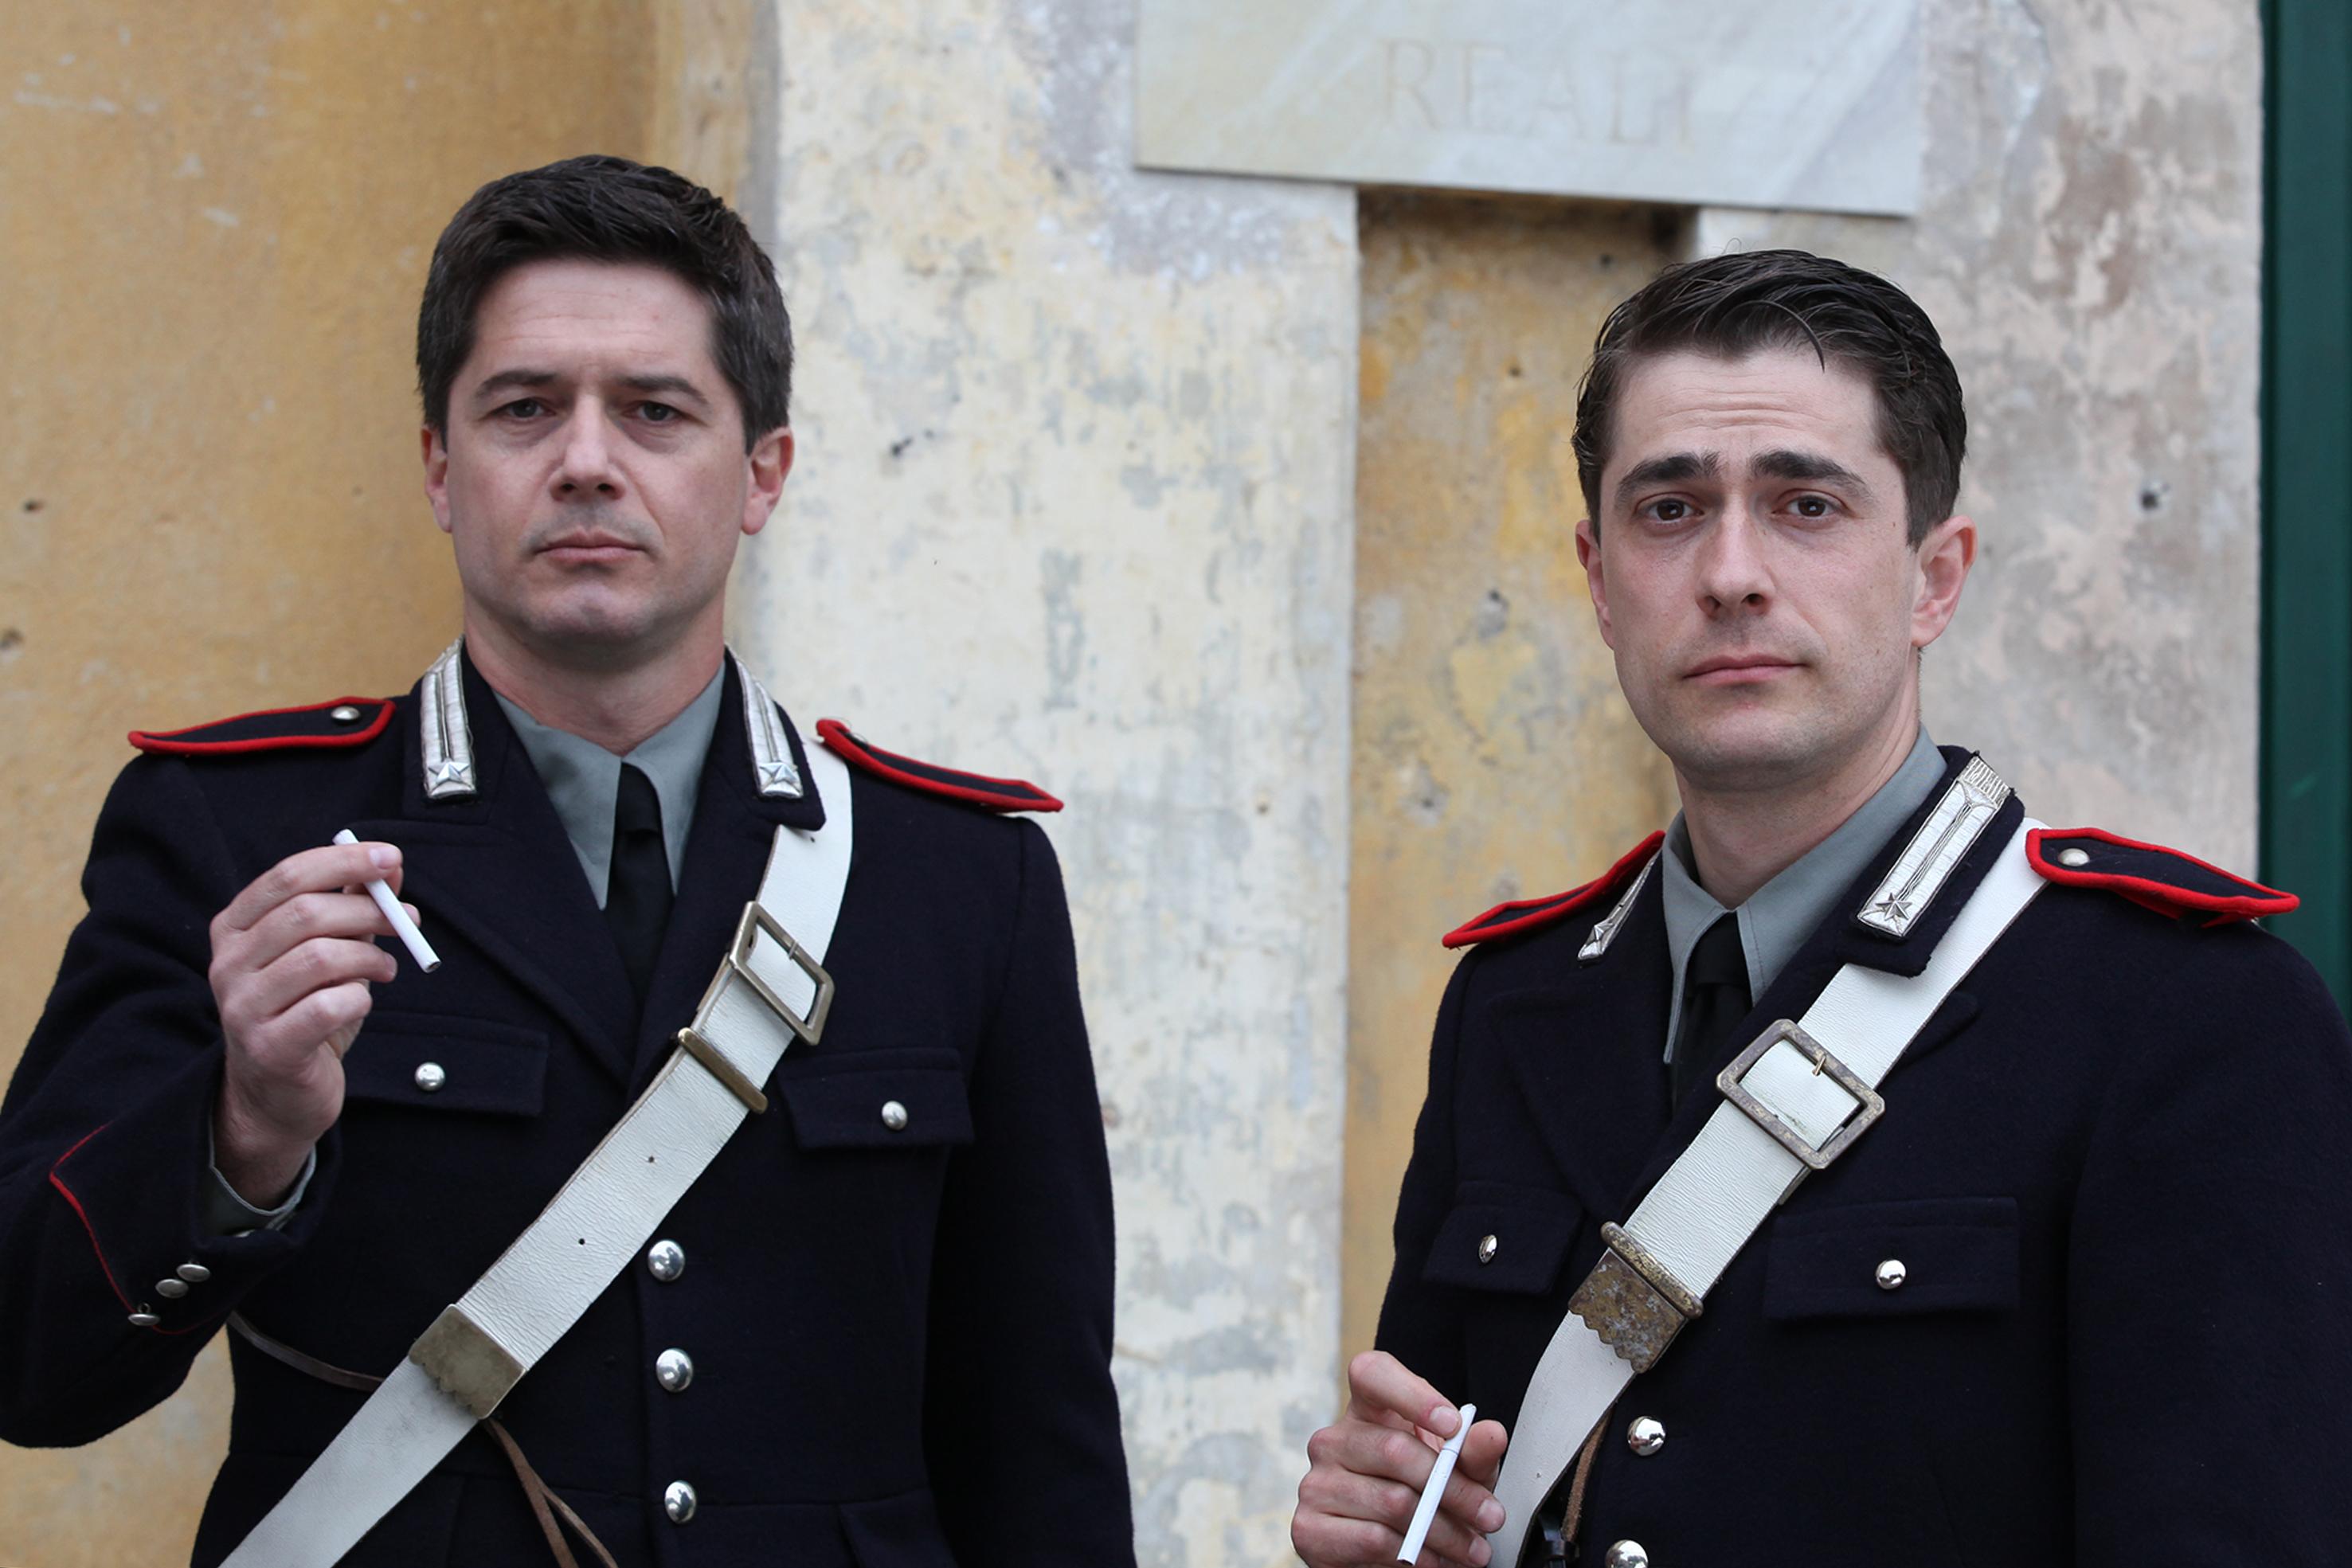 A testa alta: Ettore Bassi e Giovanni Scifoni in una scena della fiction Rai